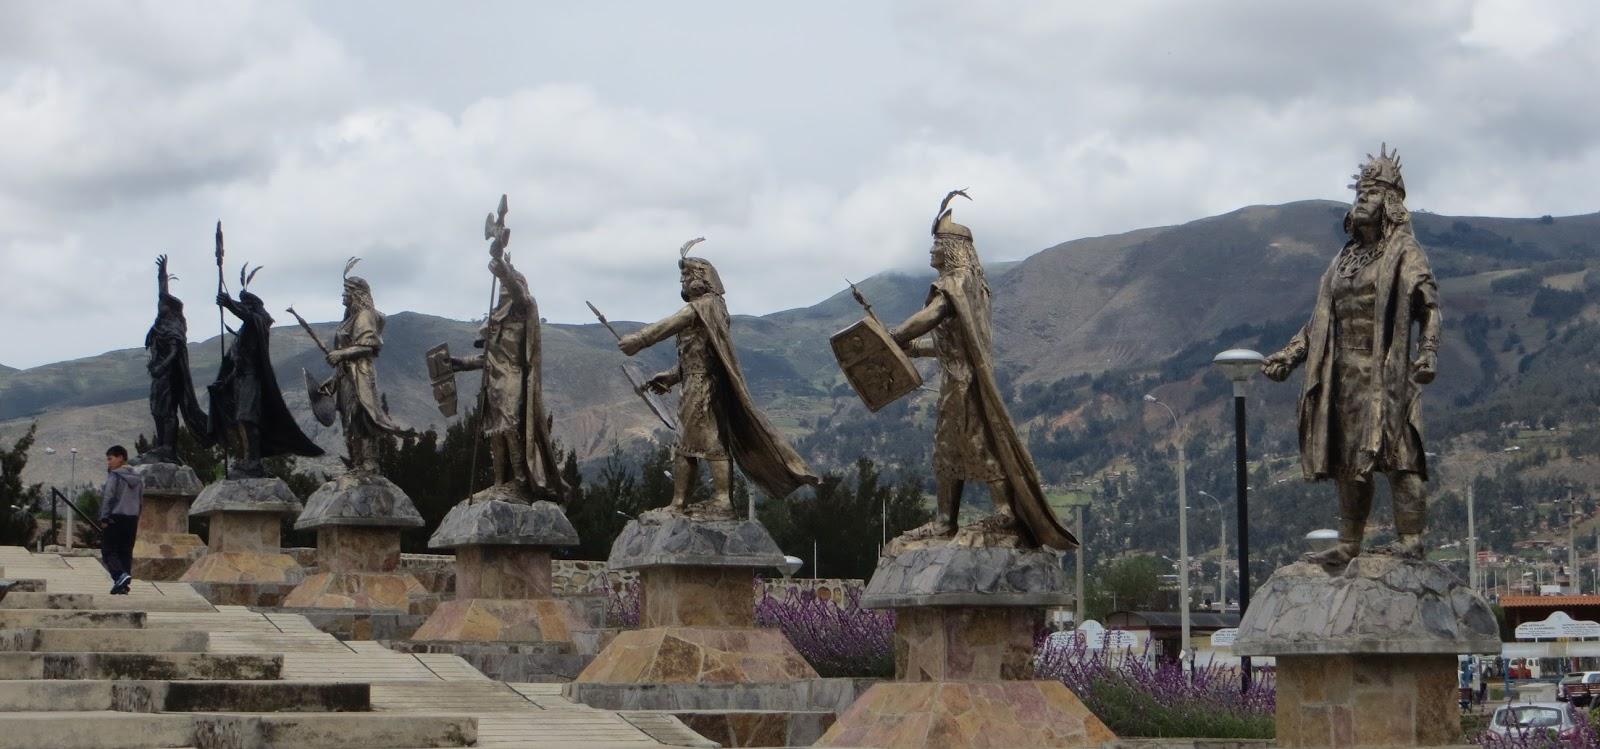 Fotos E Imágenes Del Perú Centro Turístico La Alameda De Los Incas En Cajamarca